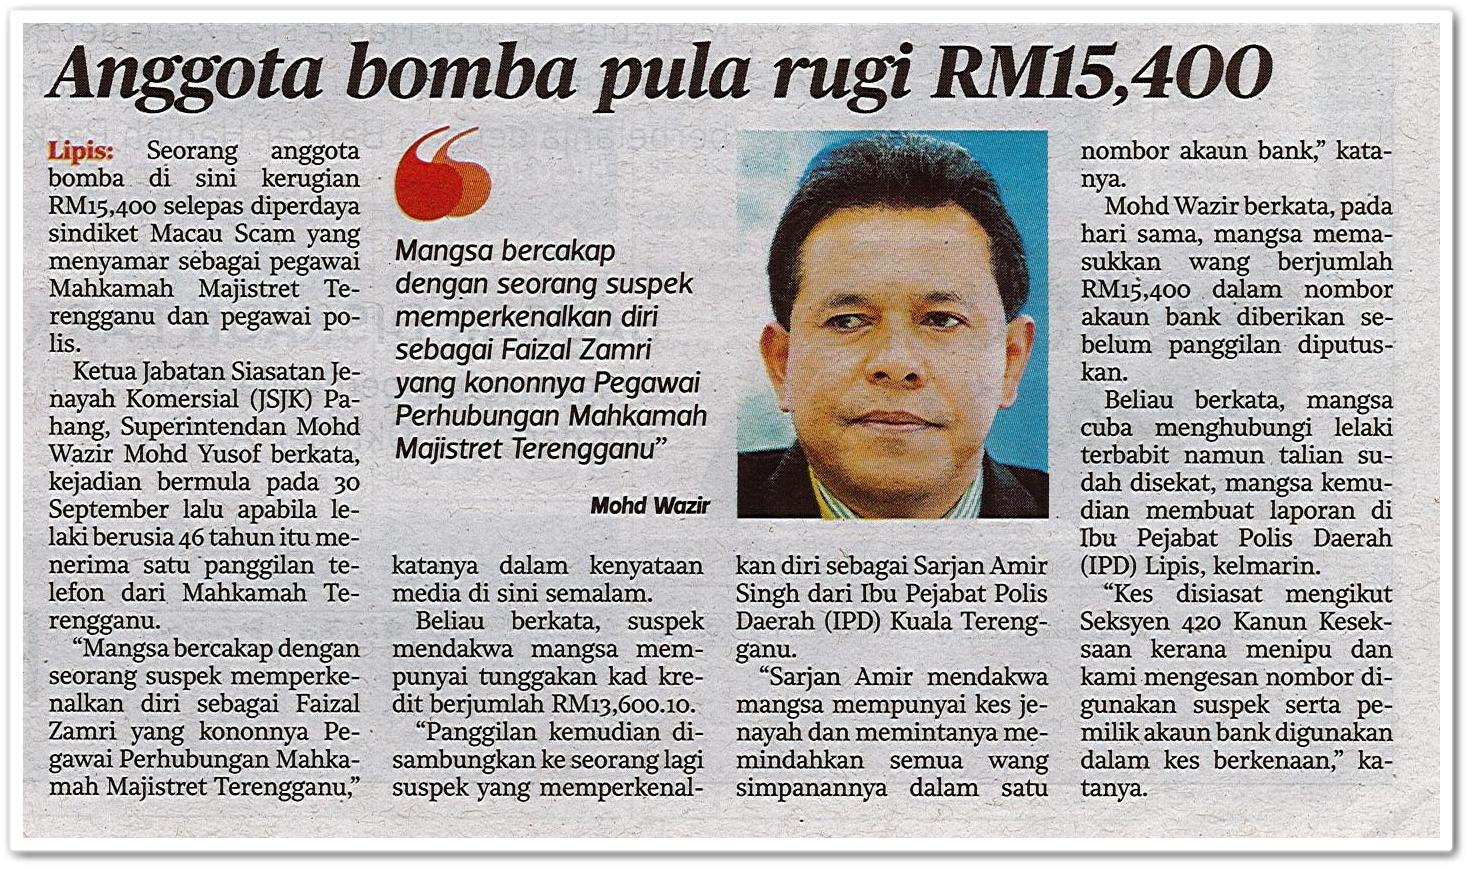 Anggota bomba pula rugi RM15,400 - Keratan akhbar Harian Metro 3 Oktober 2019